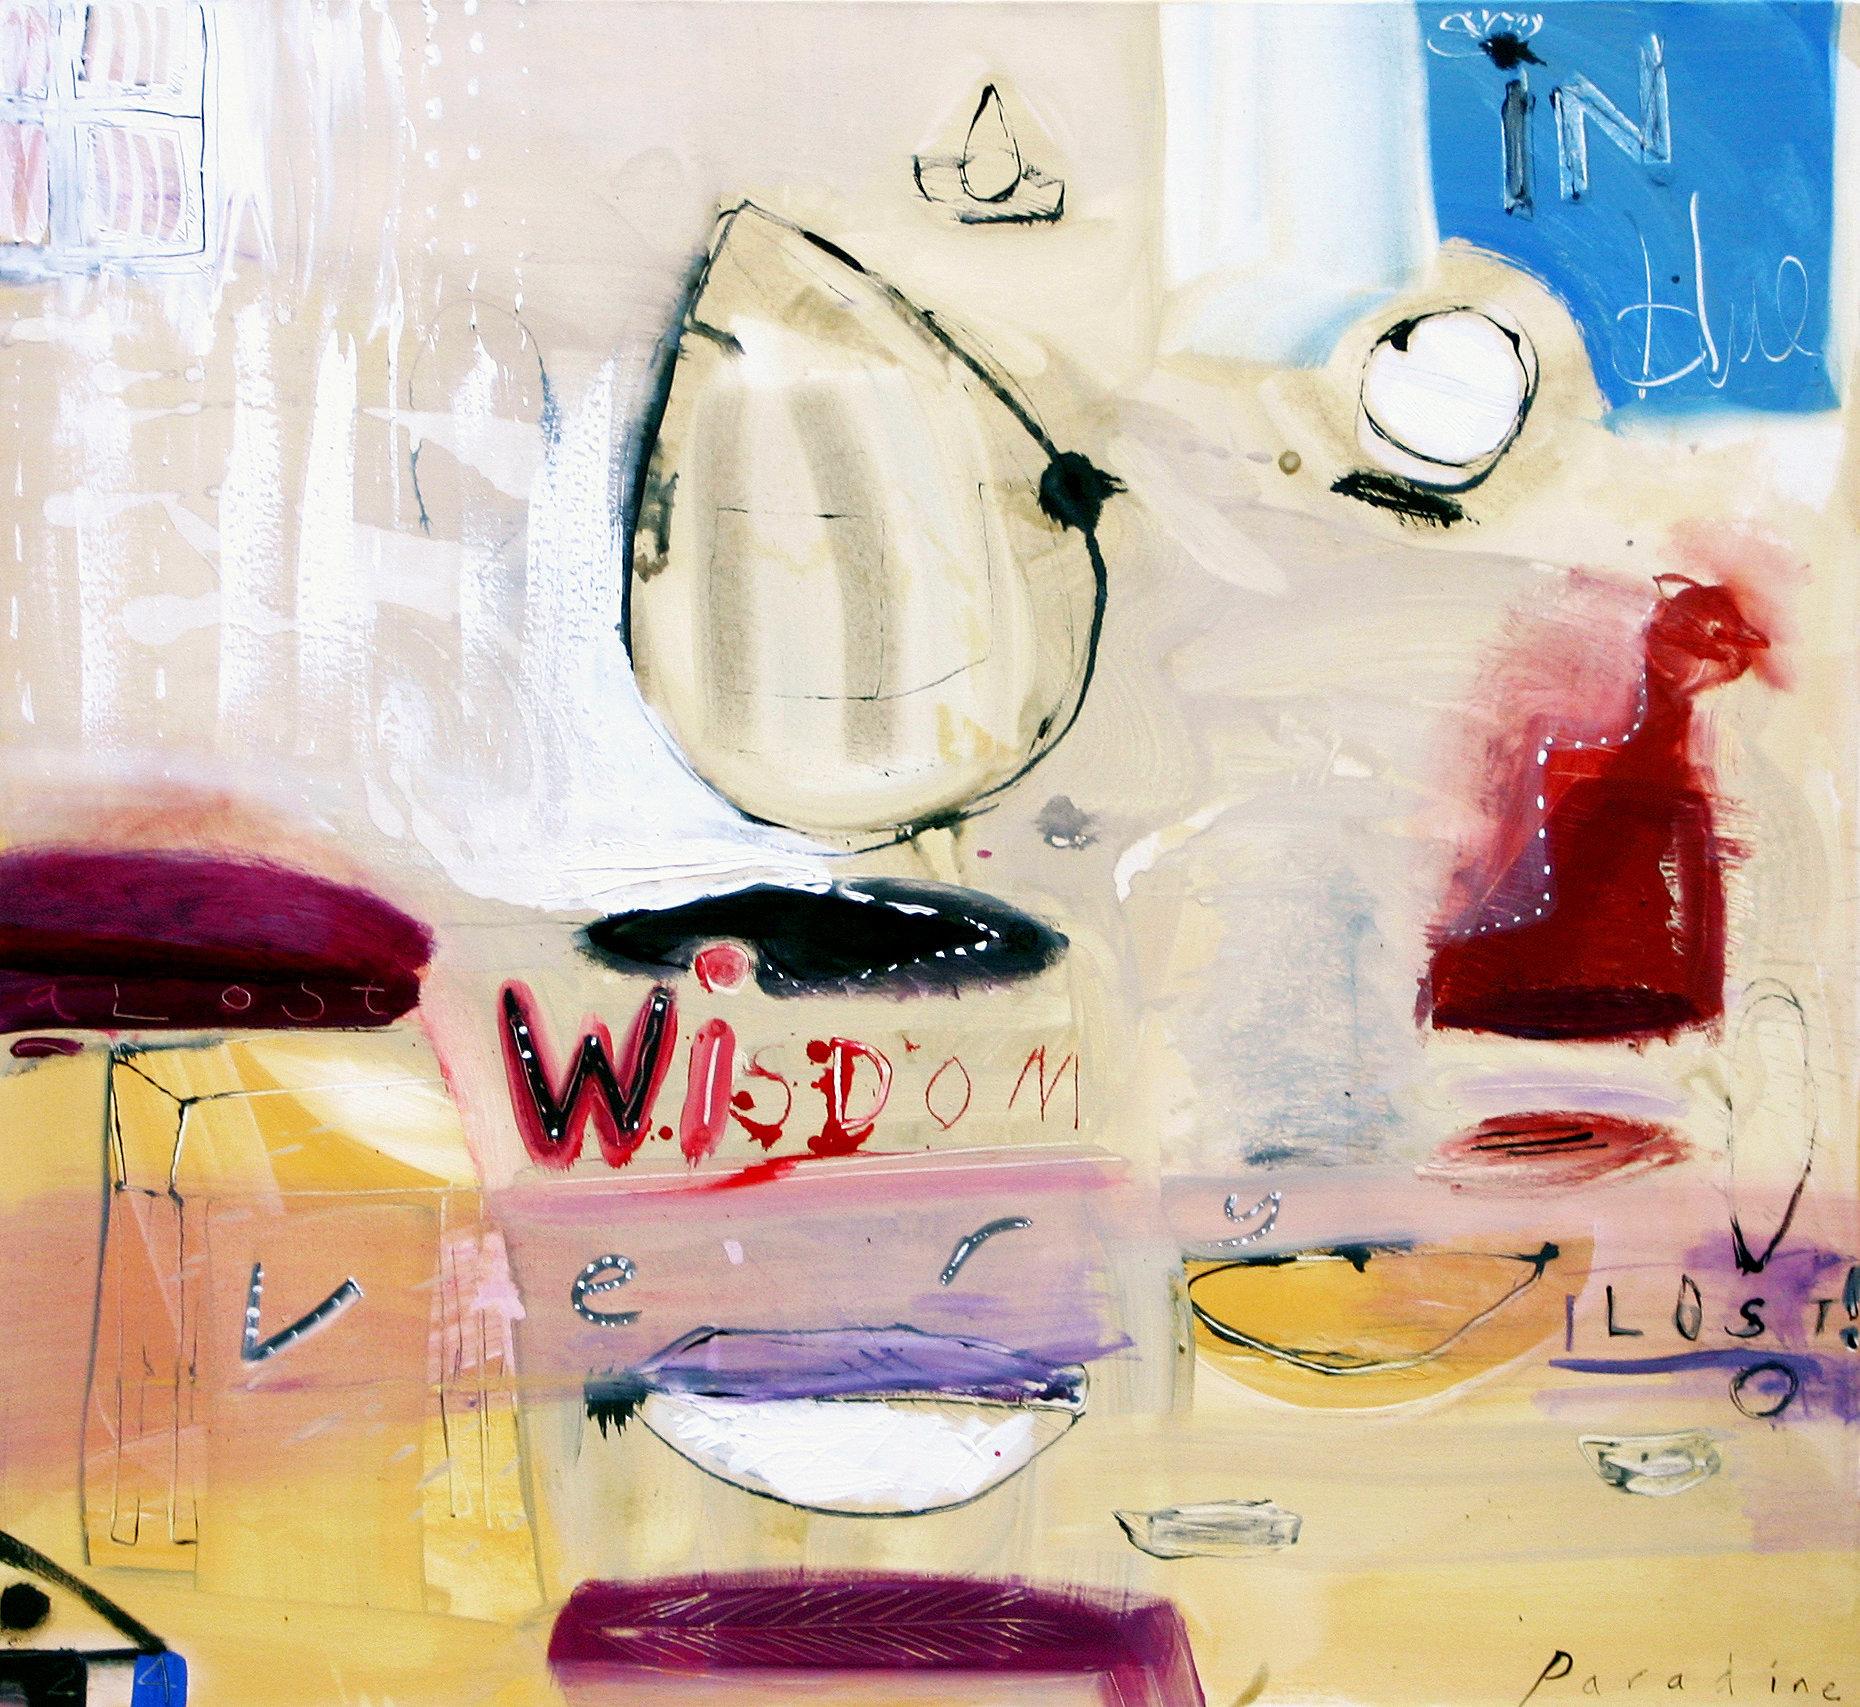 A lost wisdom 120x120 Acylic on canvas 2004.jpg